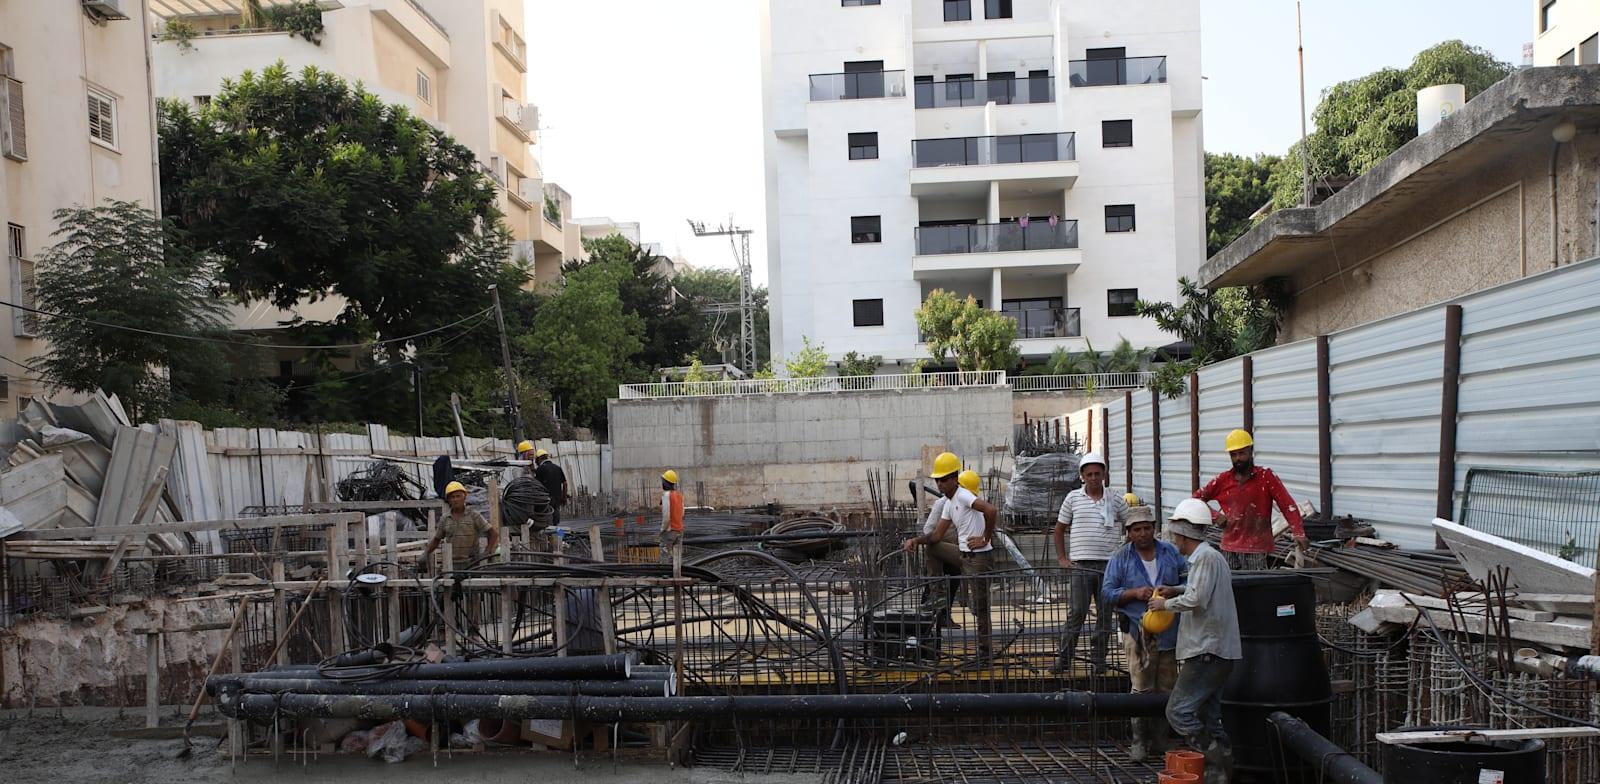 אתר בנייה ברחובות / צילום: כדיה לוי